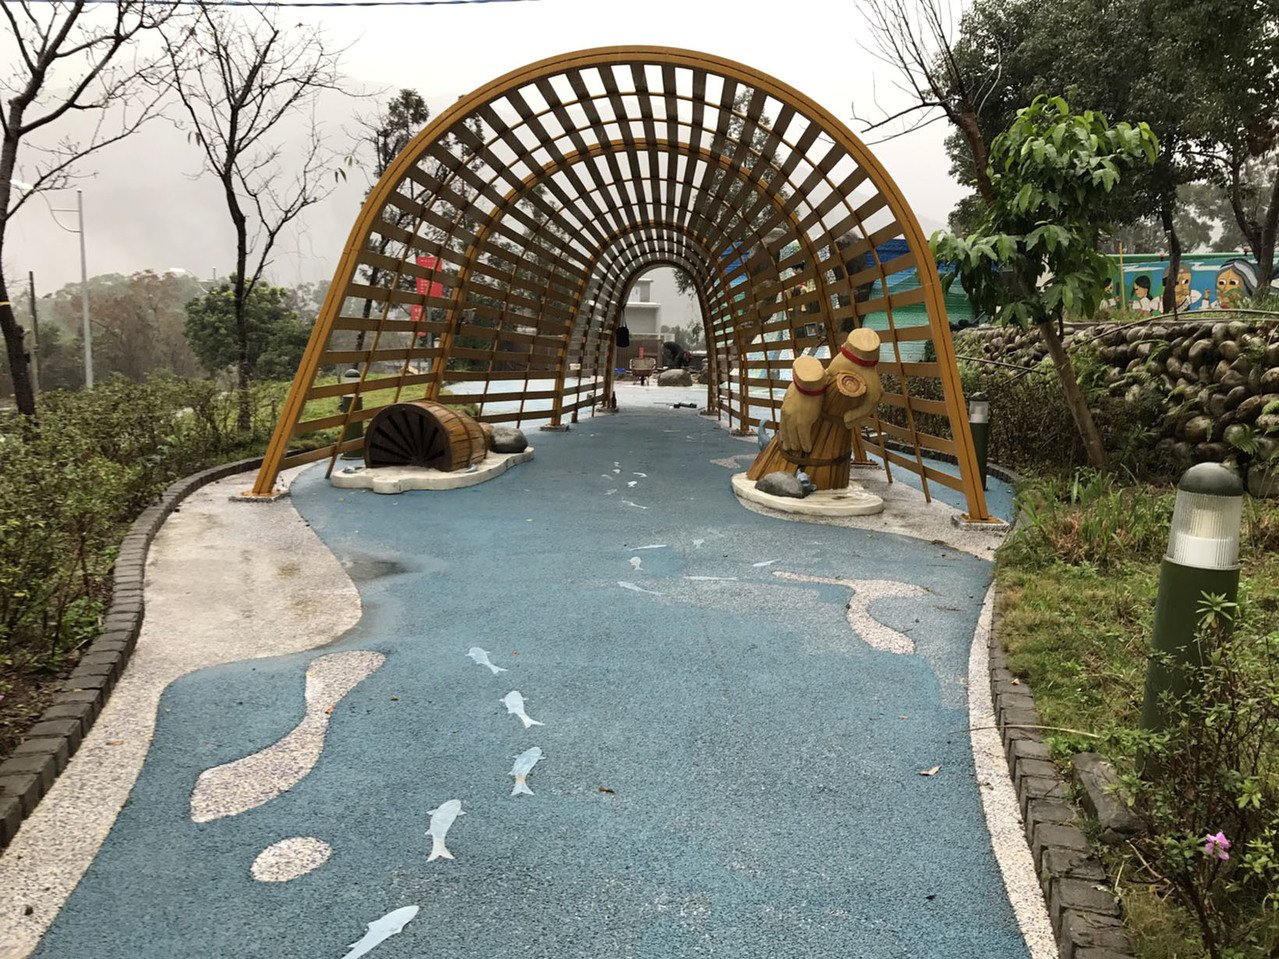 桃園市府發展羅浮溫泉一條街,規畫羅浮6處溫泉泡腳池有雨遮、露天池,預定13日舉辦...